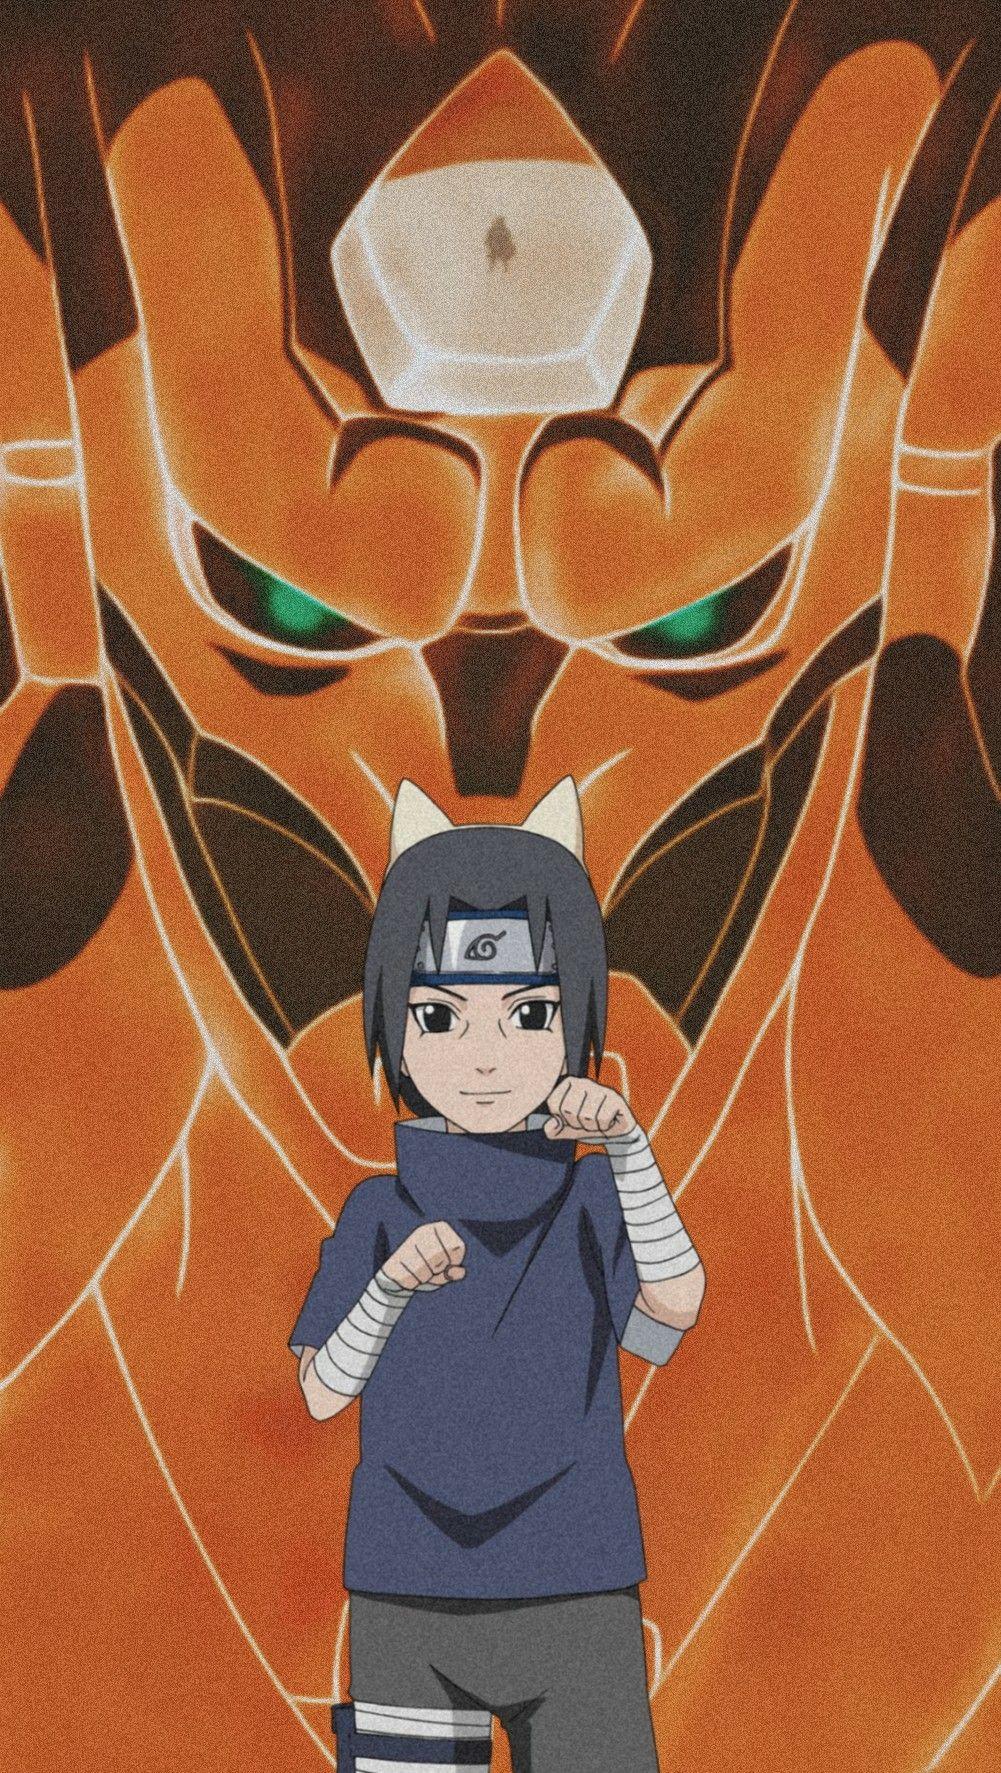 Pin De Jesso12138 Em Naruto Naruto Shippuden Sasuke Papel De